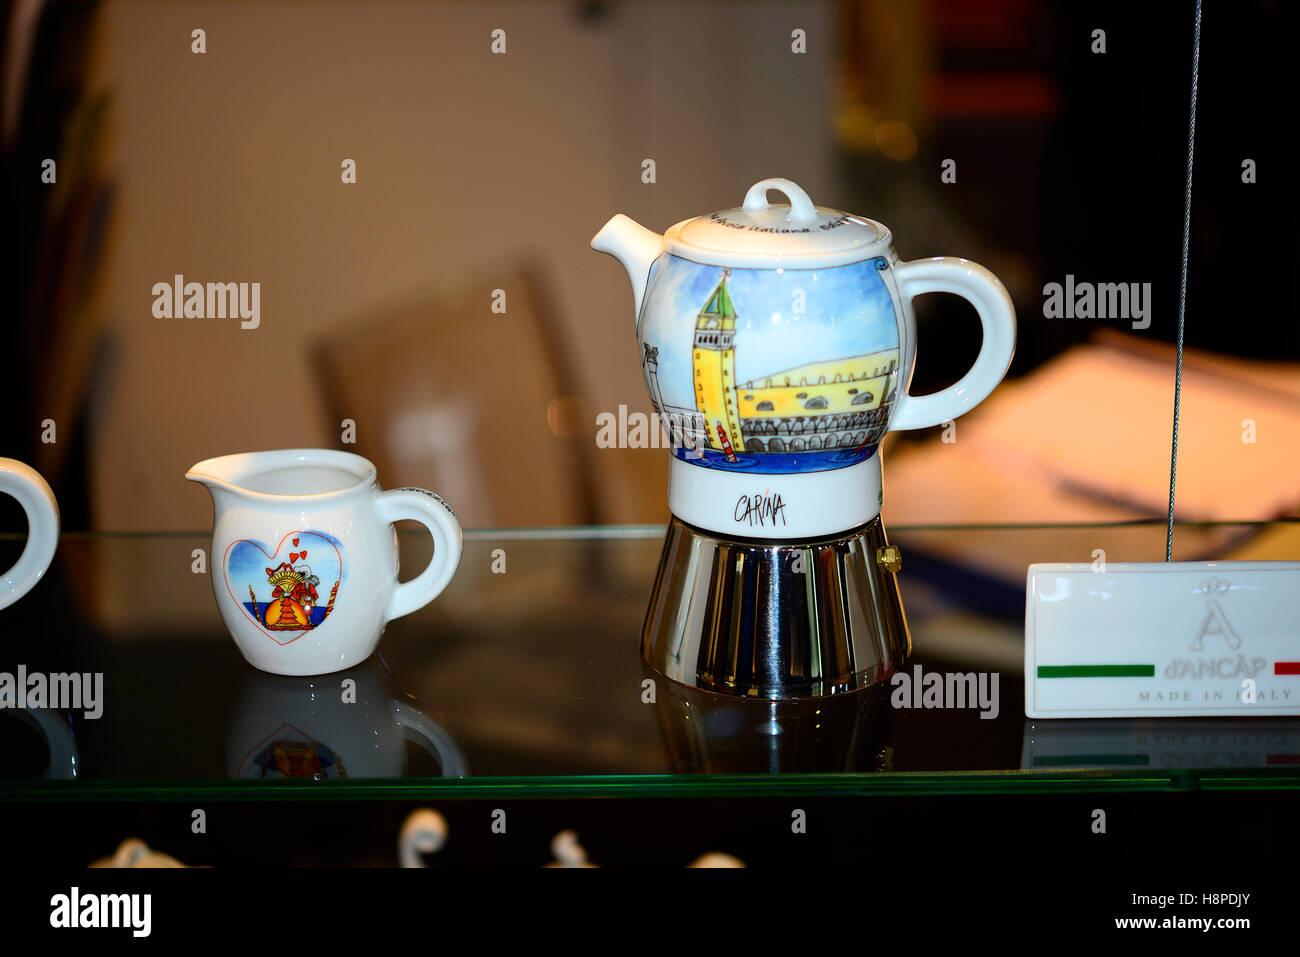 Italy Trieste Friuli V.G. Triestespresso Expo Coffee Exhibition A decorated ceramic espresso machine - Stock Image